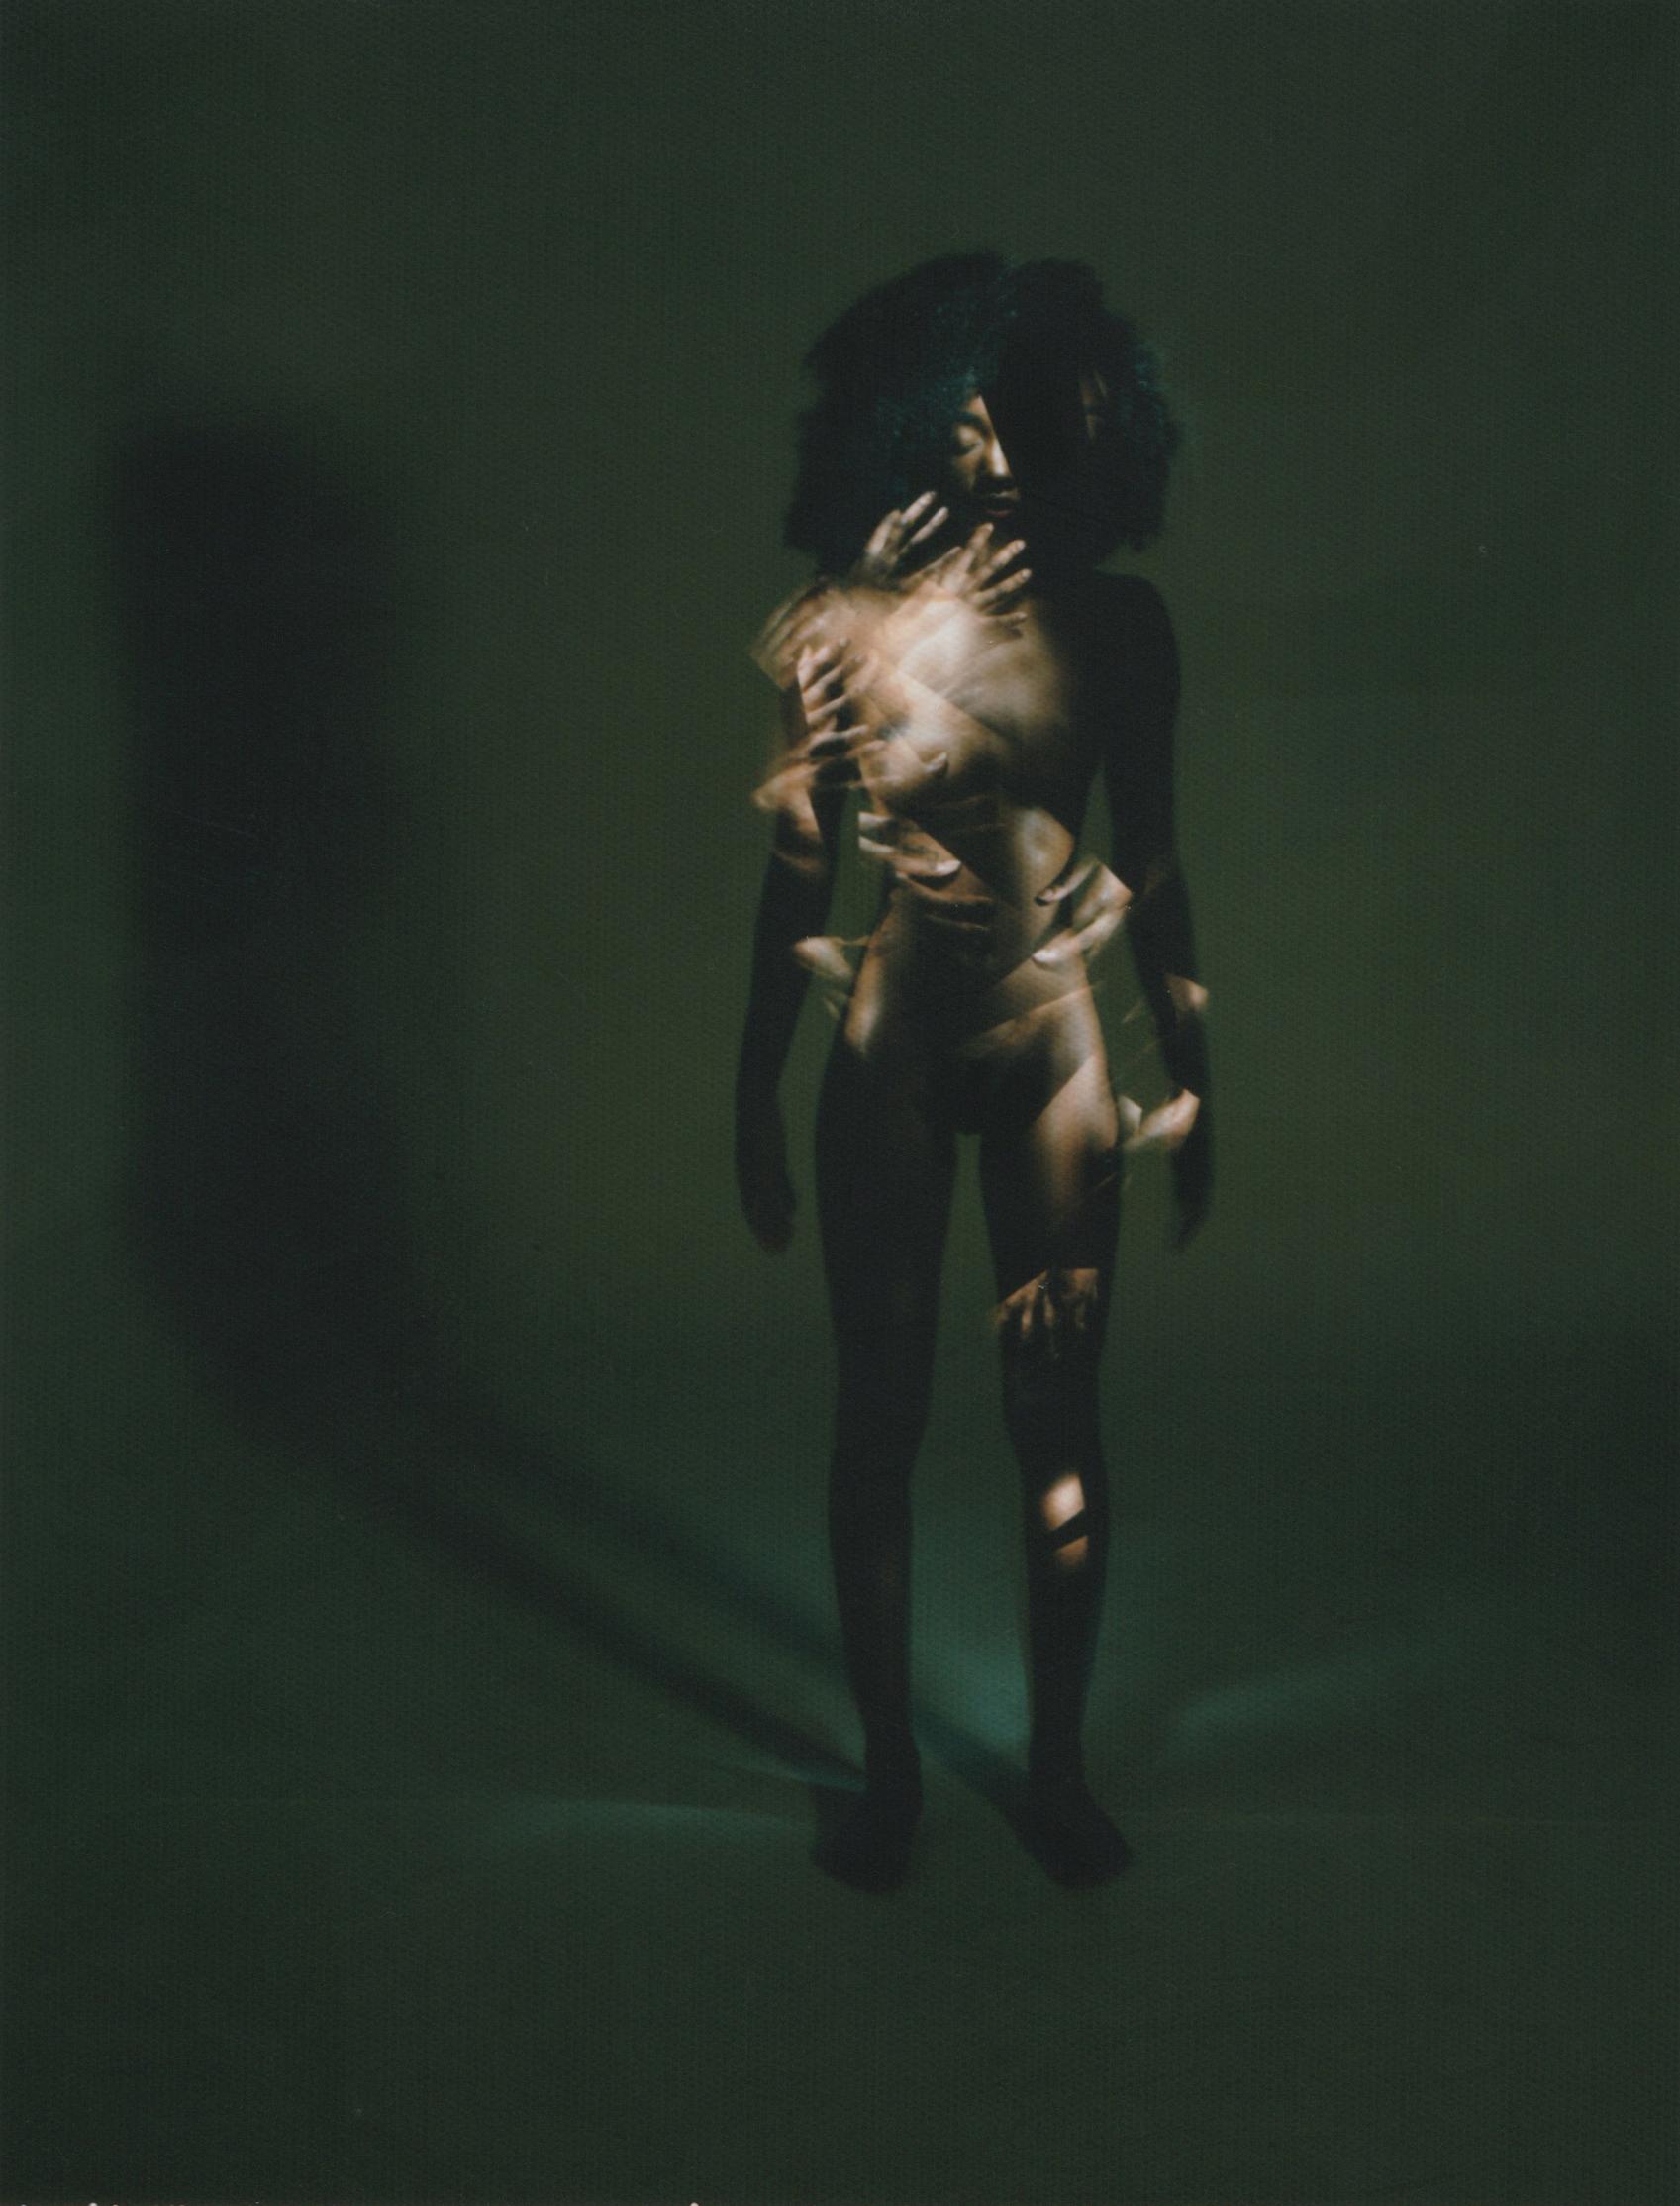 SERIE.Deconstructivismes-POLAROID_sense-titol4_fotografia-llarga-exposició_-8x10cms_80€ Raúl Guillamón